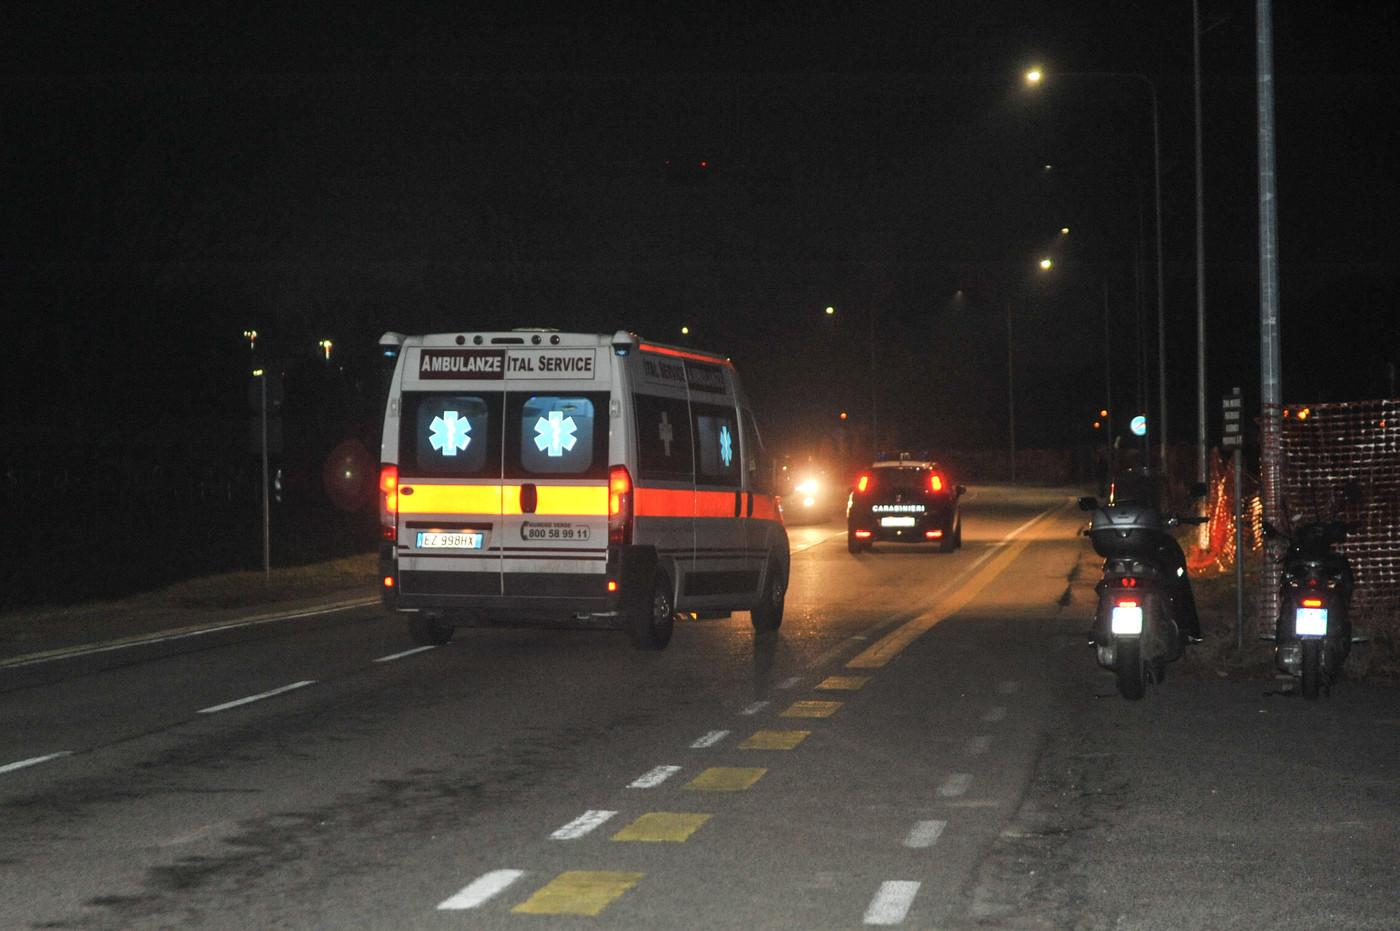 Sul bus senza biglietto, accoltella 5 persone: tra i feriti un bambino di 6 anni